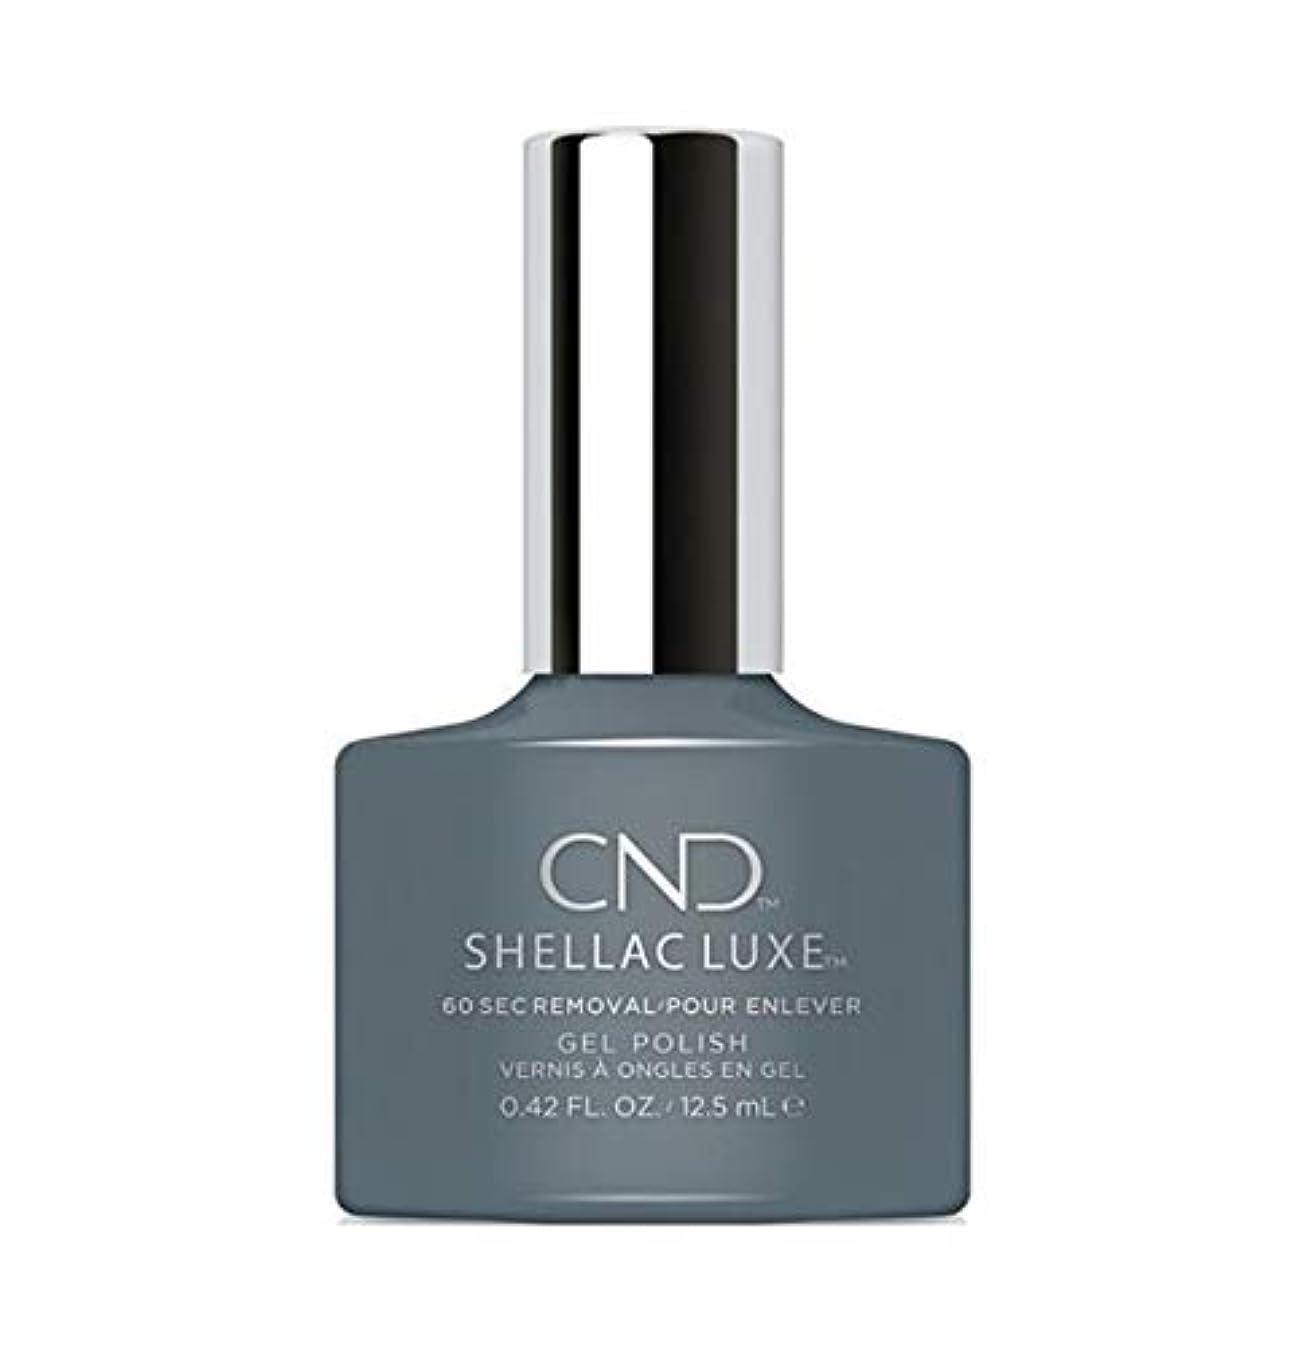 プーノく毒液CND Shellac Luxe - Whisper - 12.5 ml / 0.42 oz